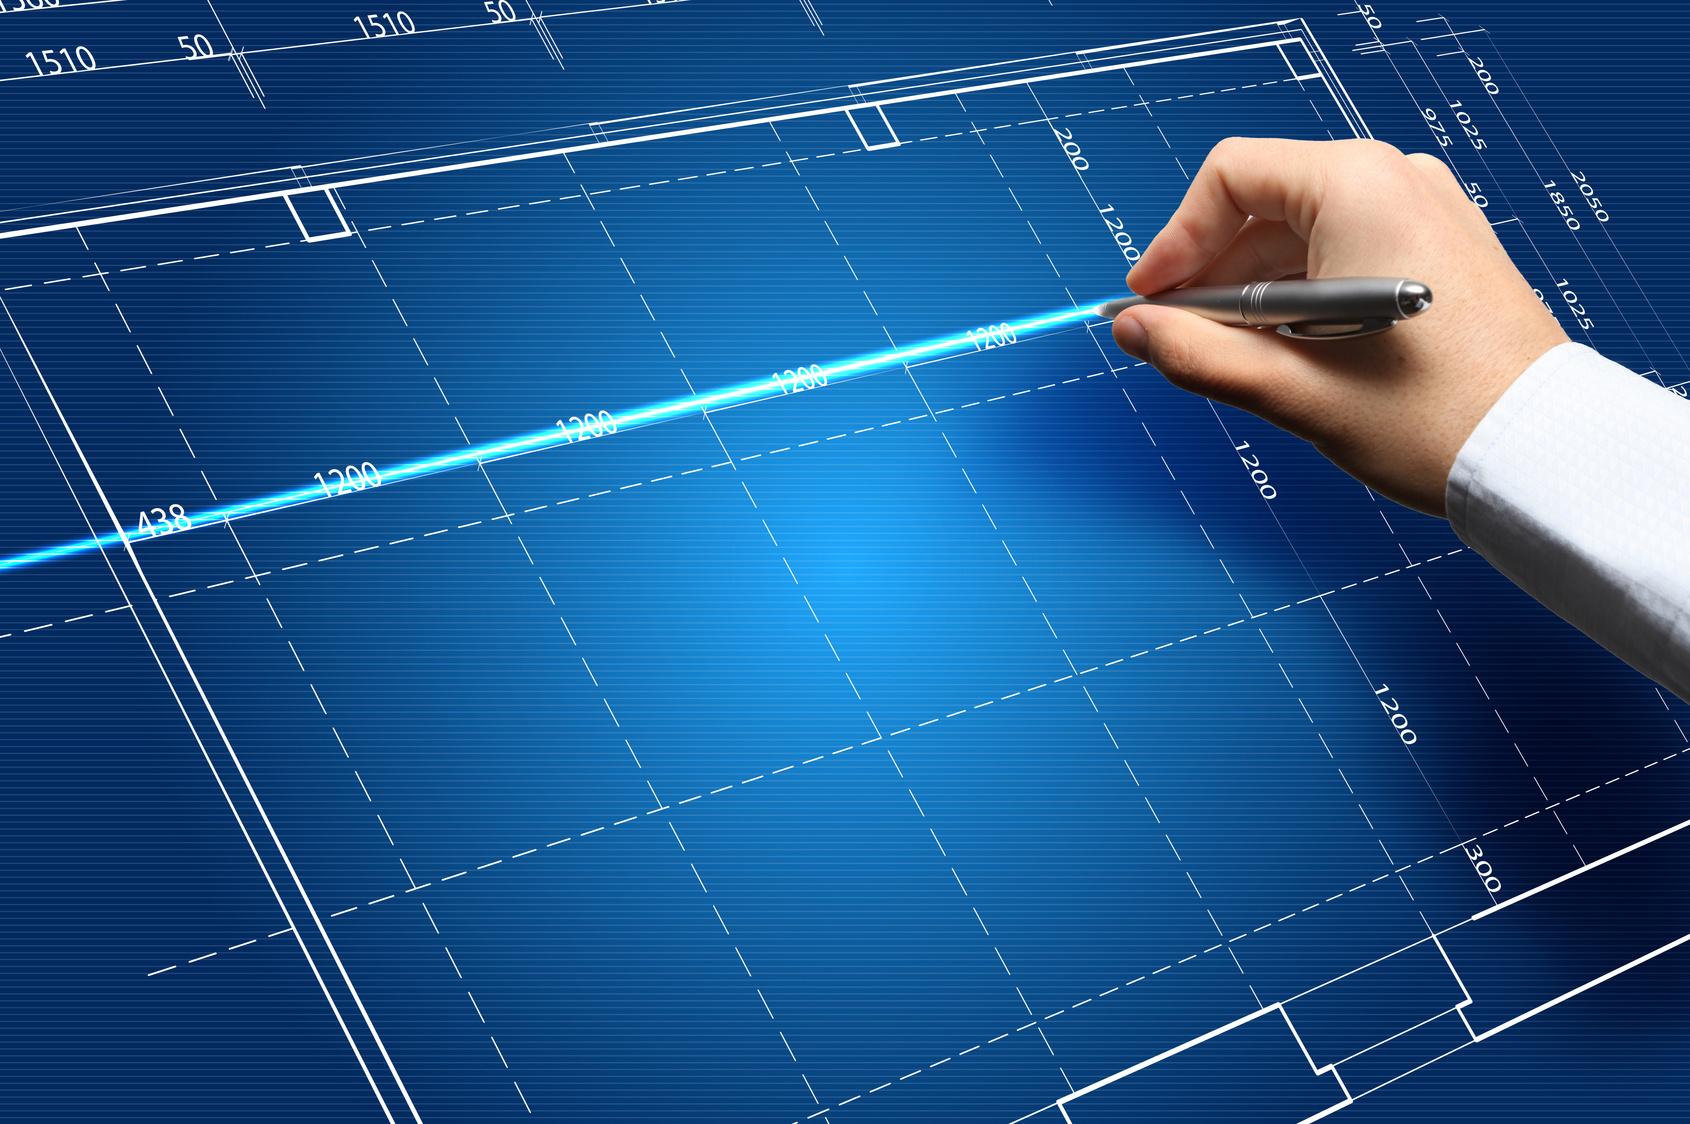 舞台で使えるフリーCADを探す.2 〜点と線で描くフリーCADソフト【QCAD】